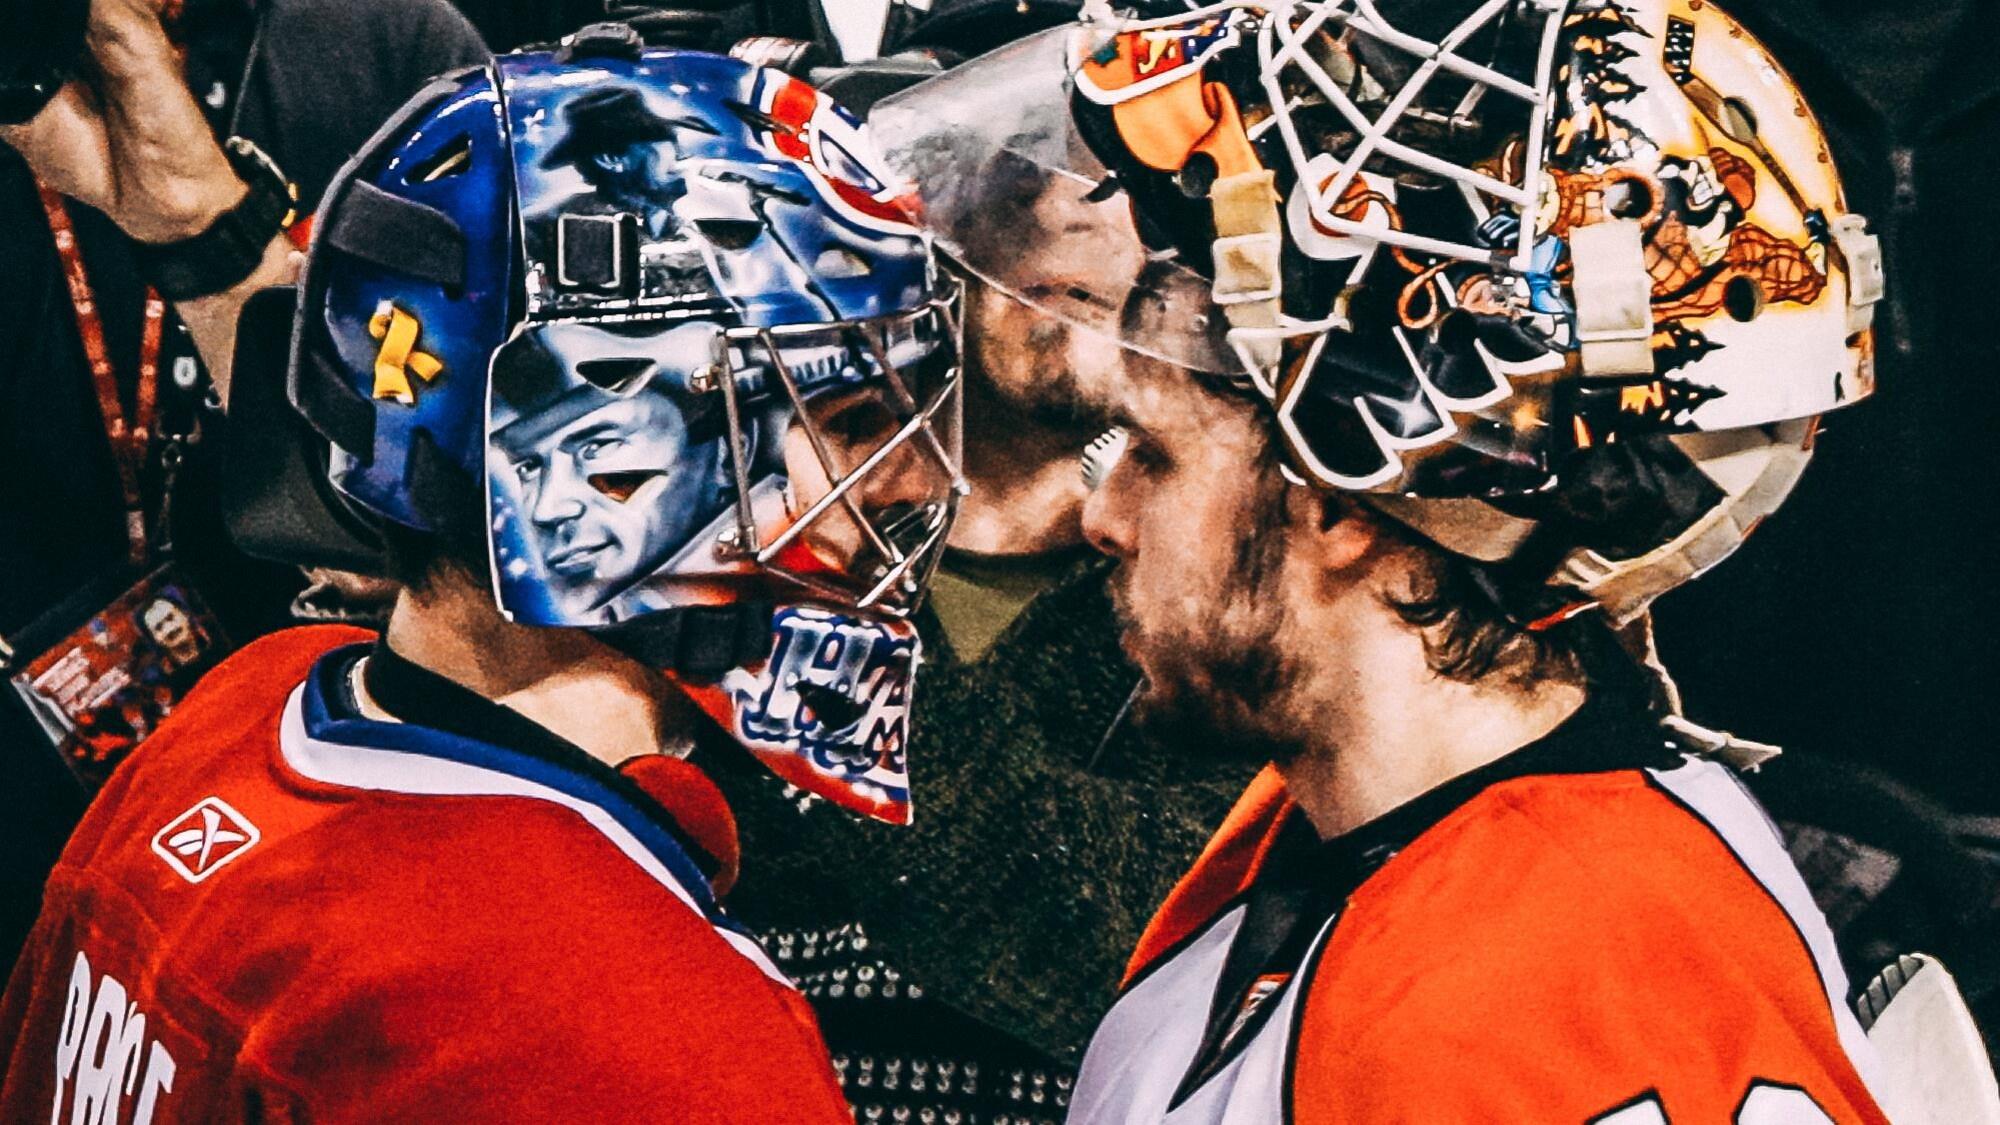 Martin Biron et Carey Price se serrent la main après l'élimination du Canadien par les Flyers, le 3 mai 2008, au Centre Bell.